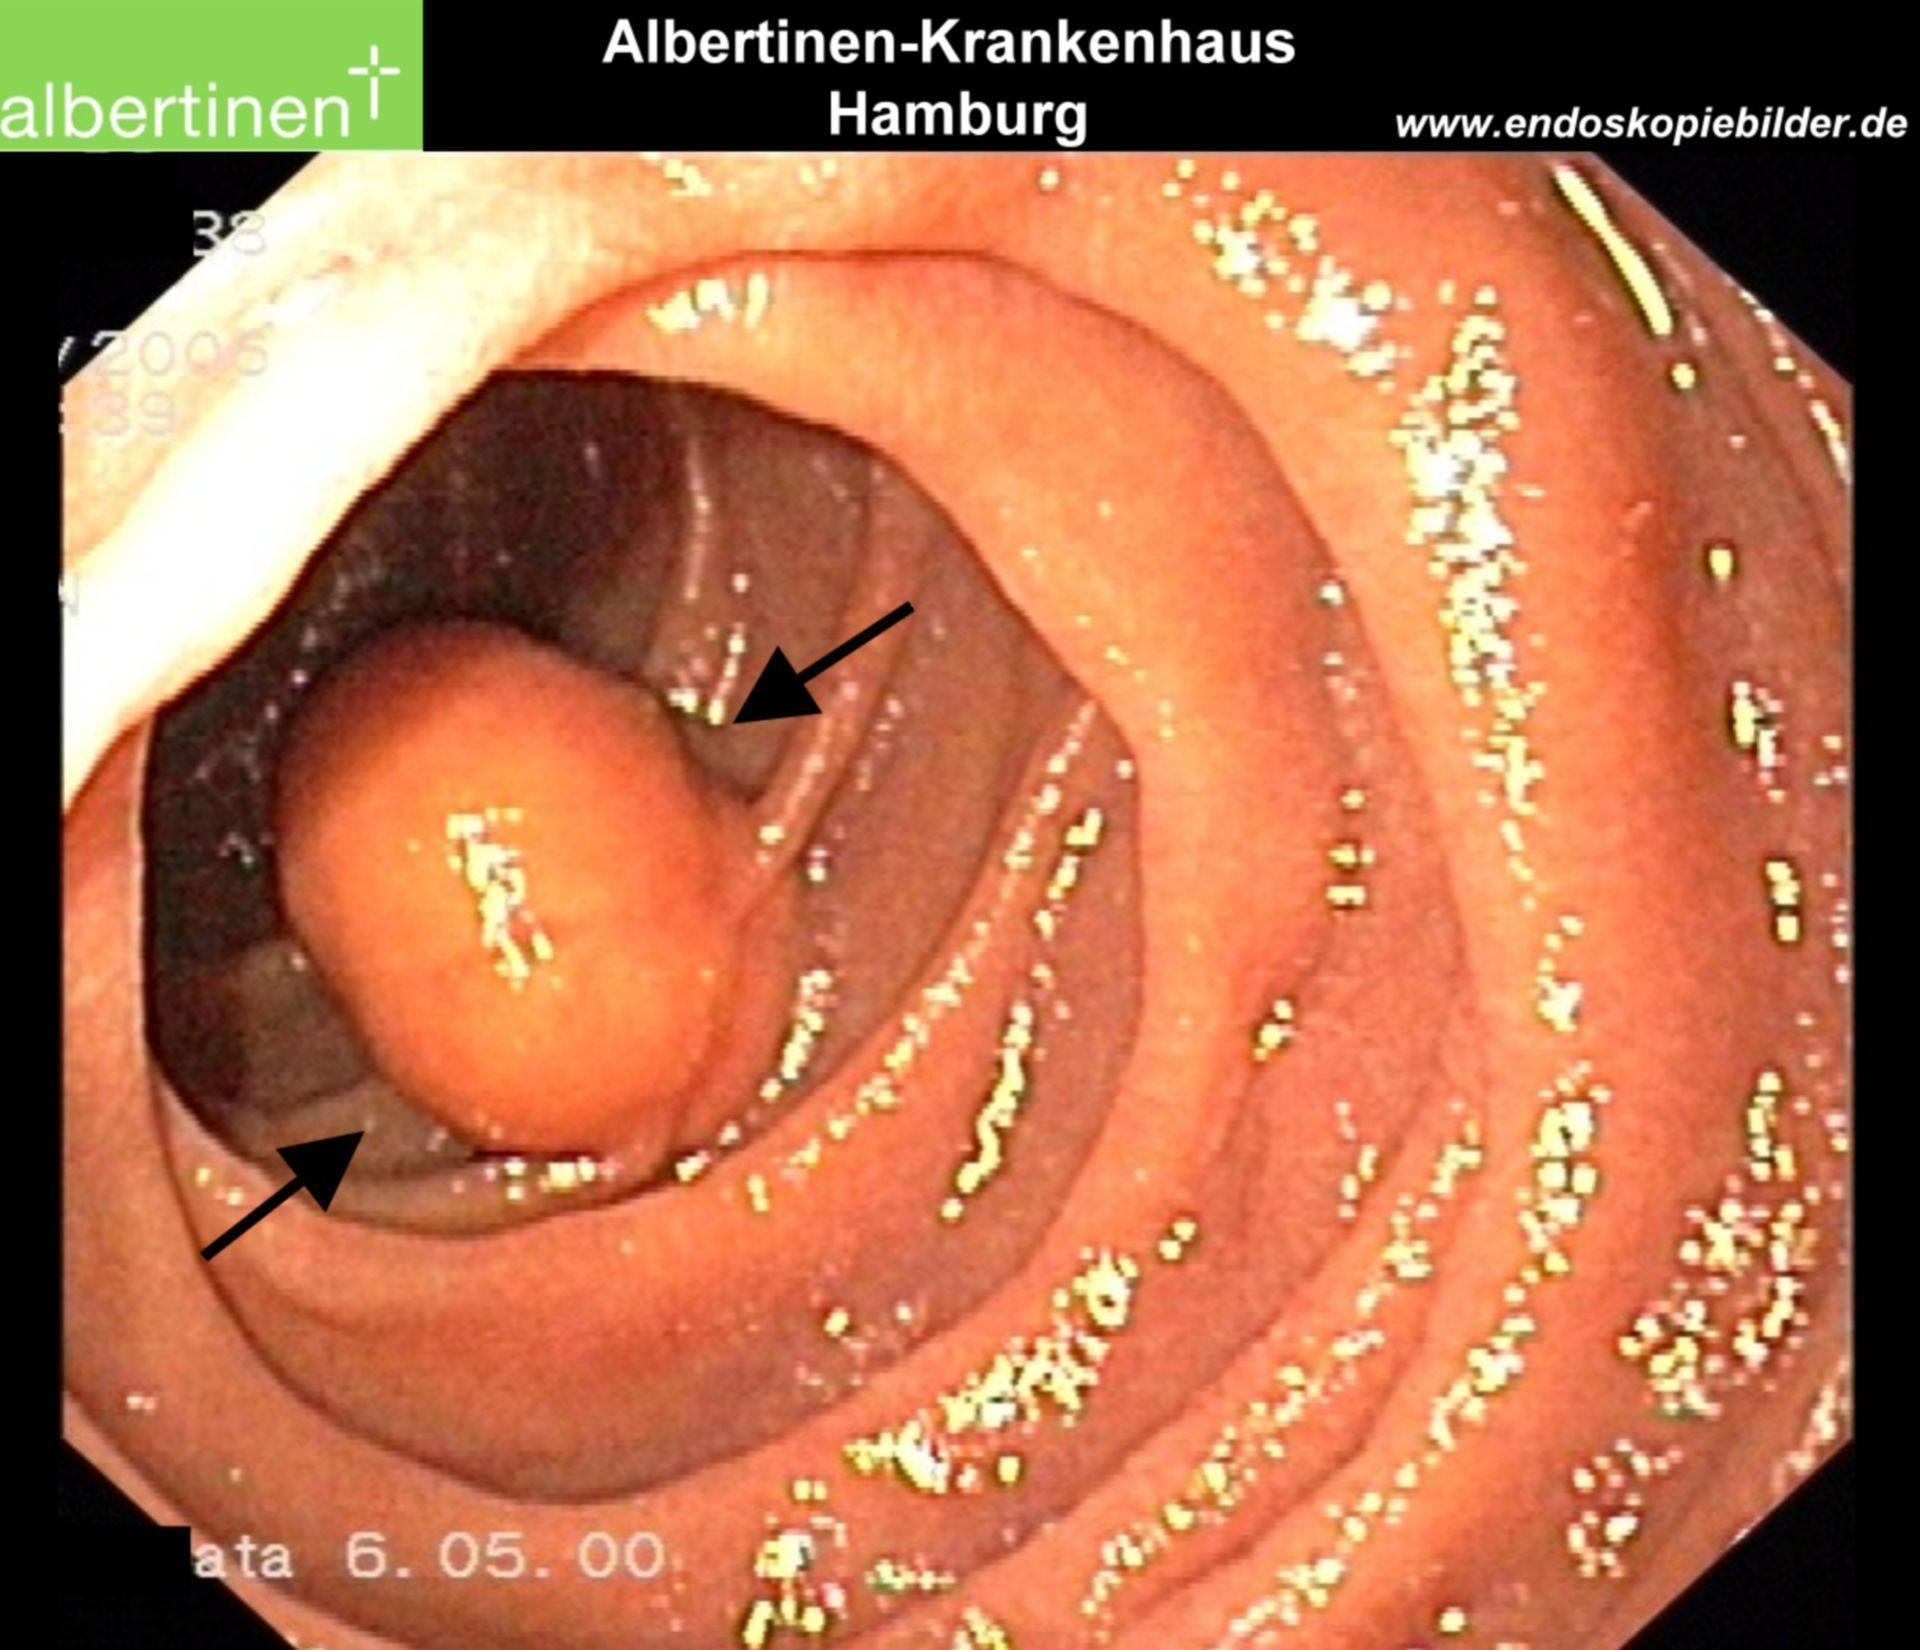 Duodenal lipoma endoscopy, arrows